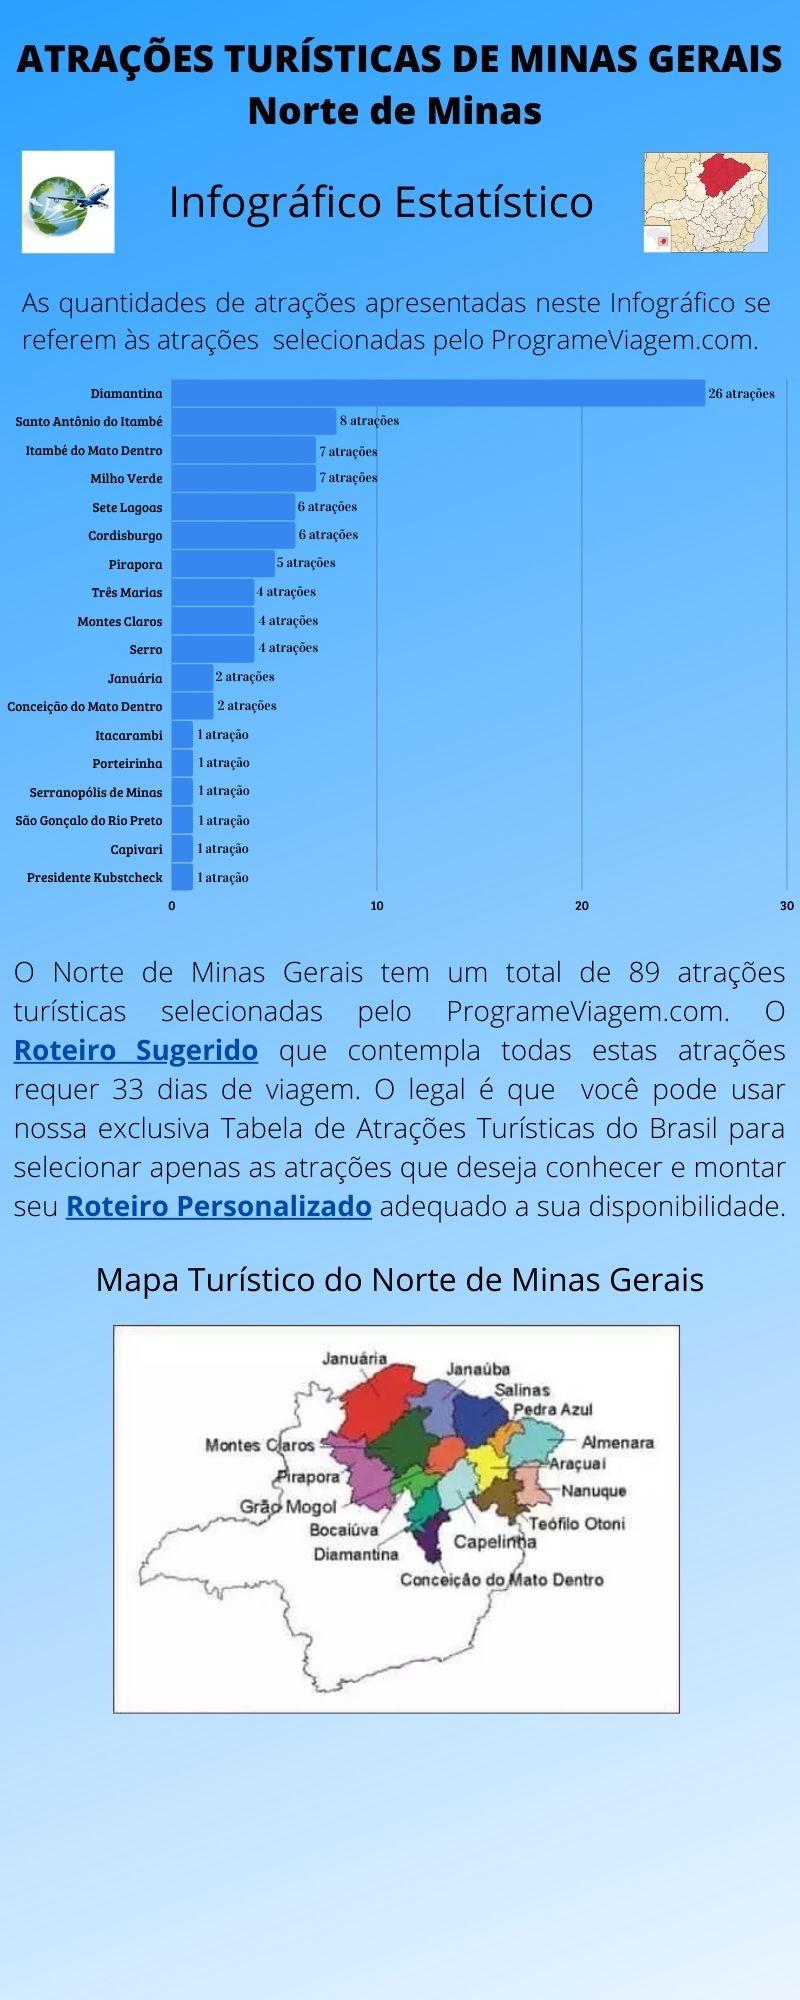 Infográfico Atrações Turísticas de Minas Gerais (Norte de Minas)